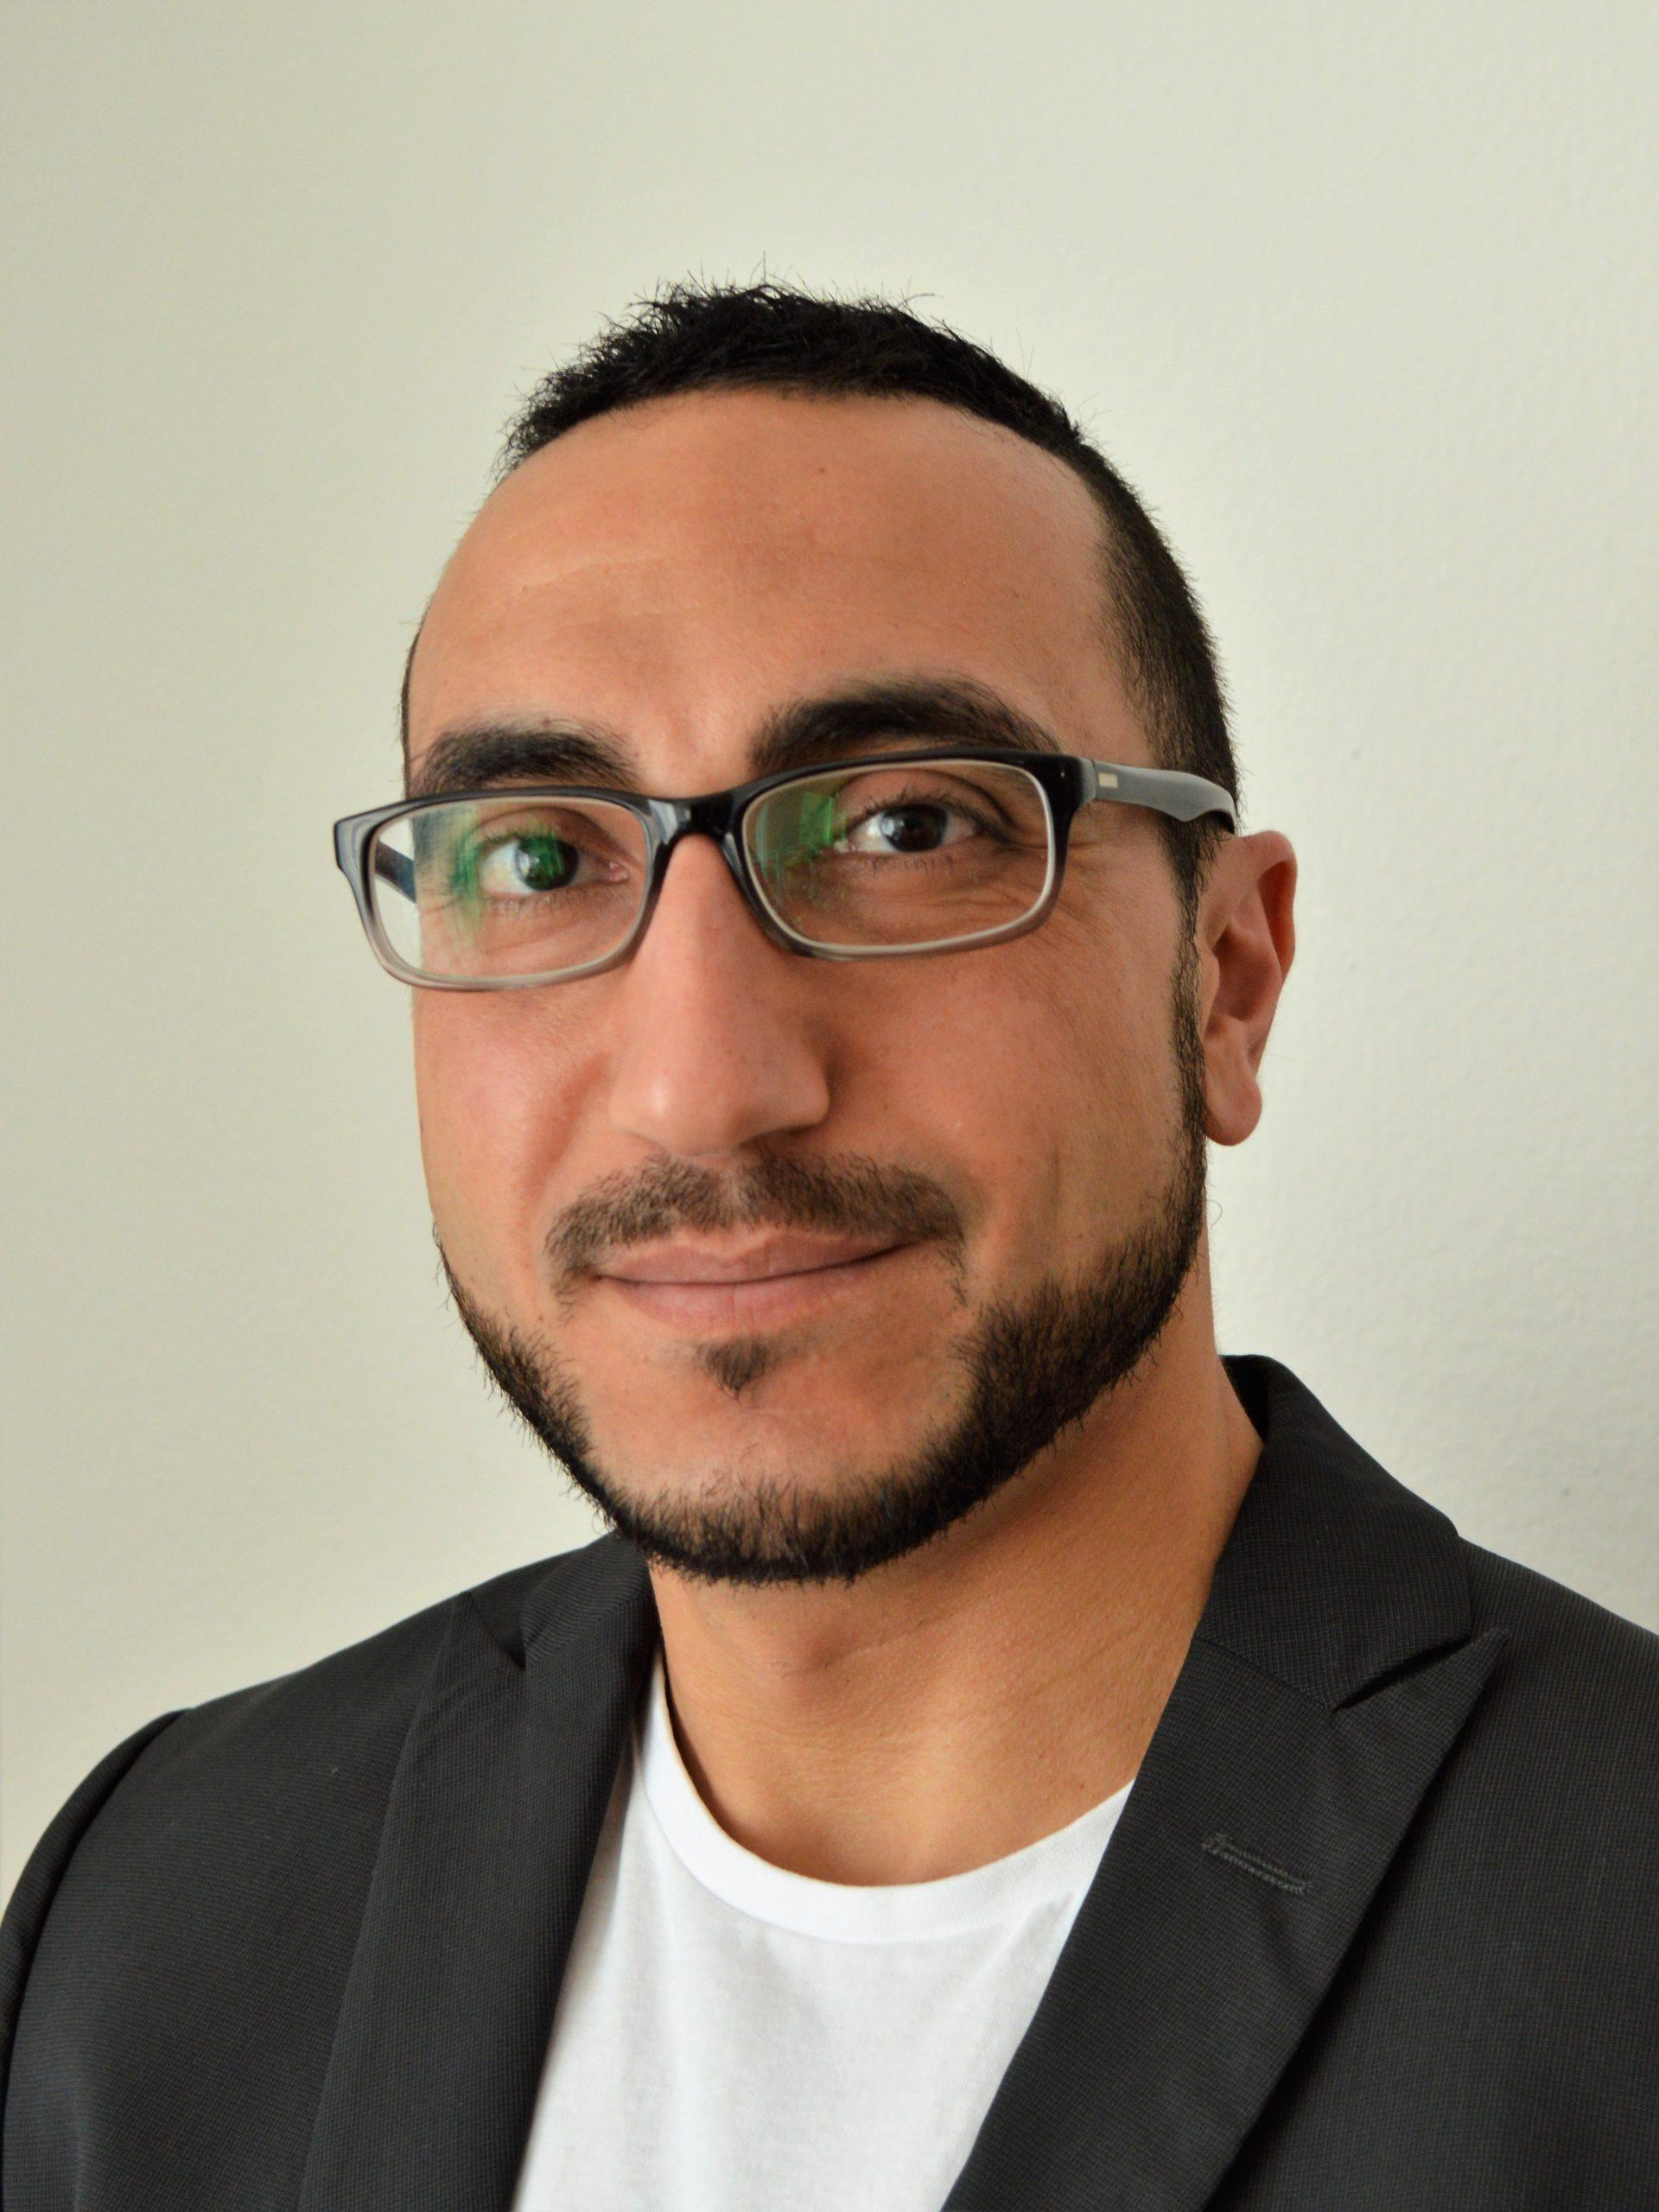 Deyaa Abu Taleb